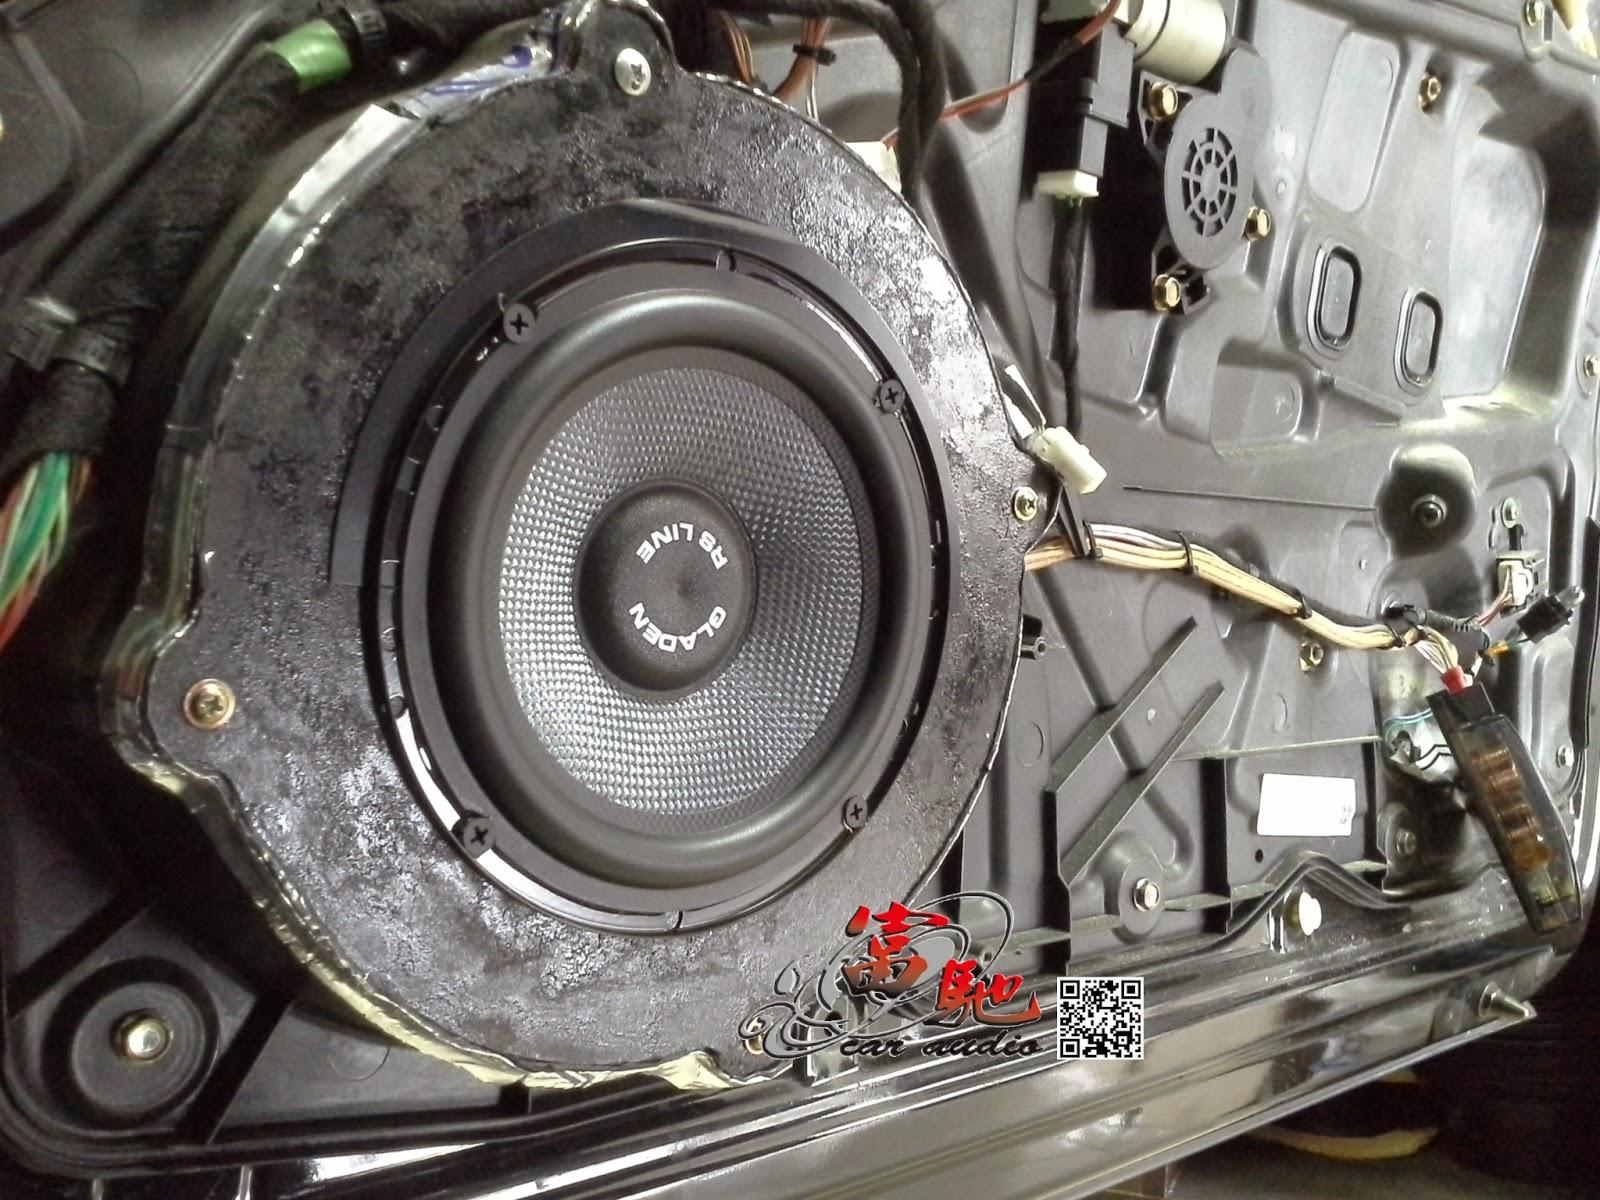 富馳汽車音響: 馬自達 RX8 汽車音響改裝 富馳汽車音響 多媒體影音主機/車用進口喇叭/發燒線